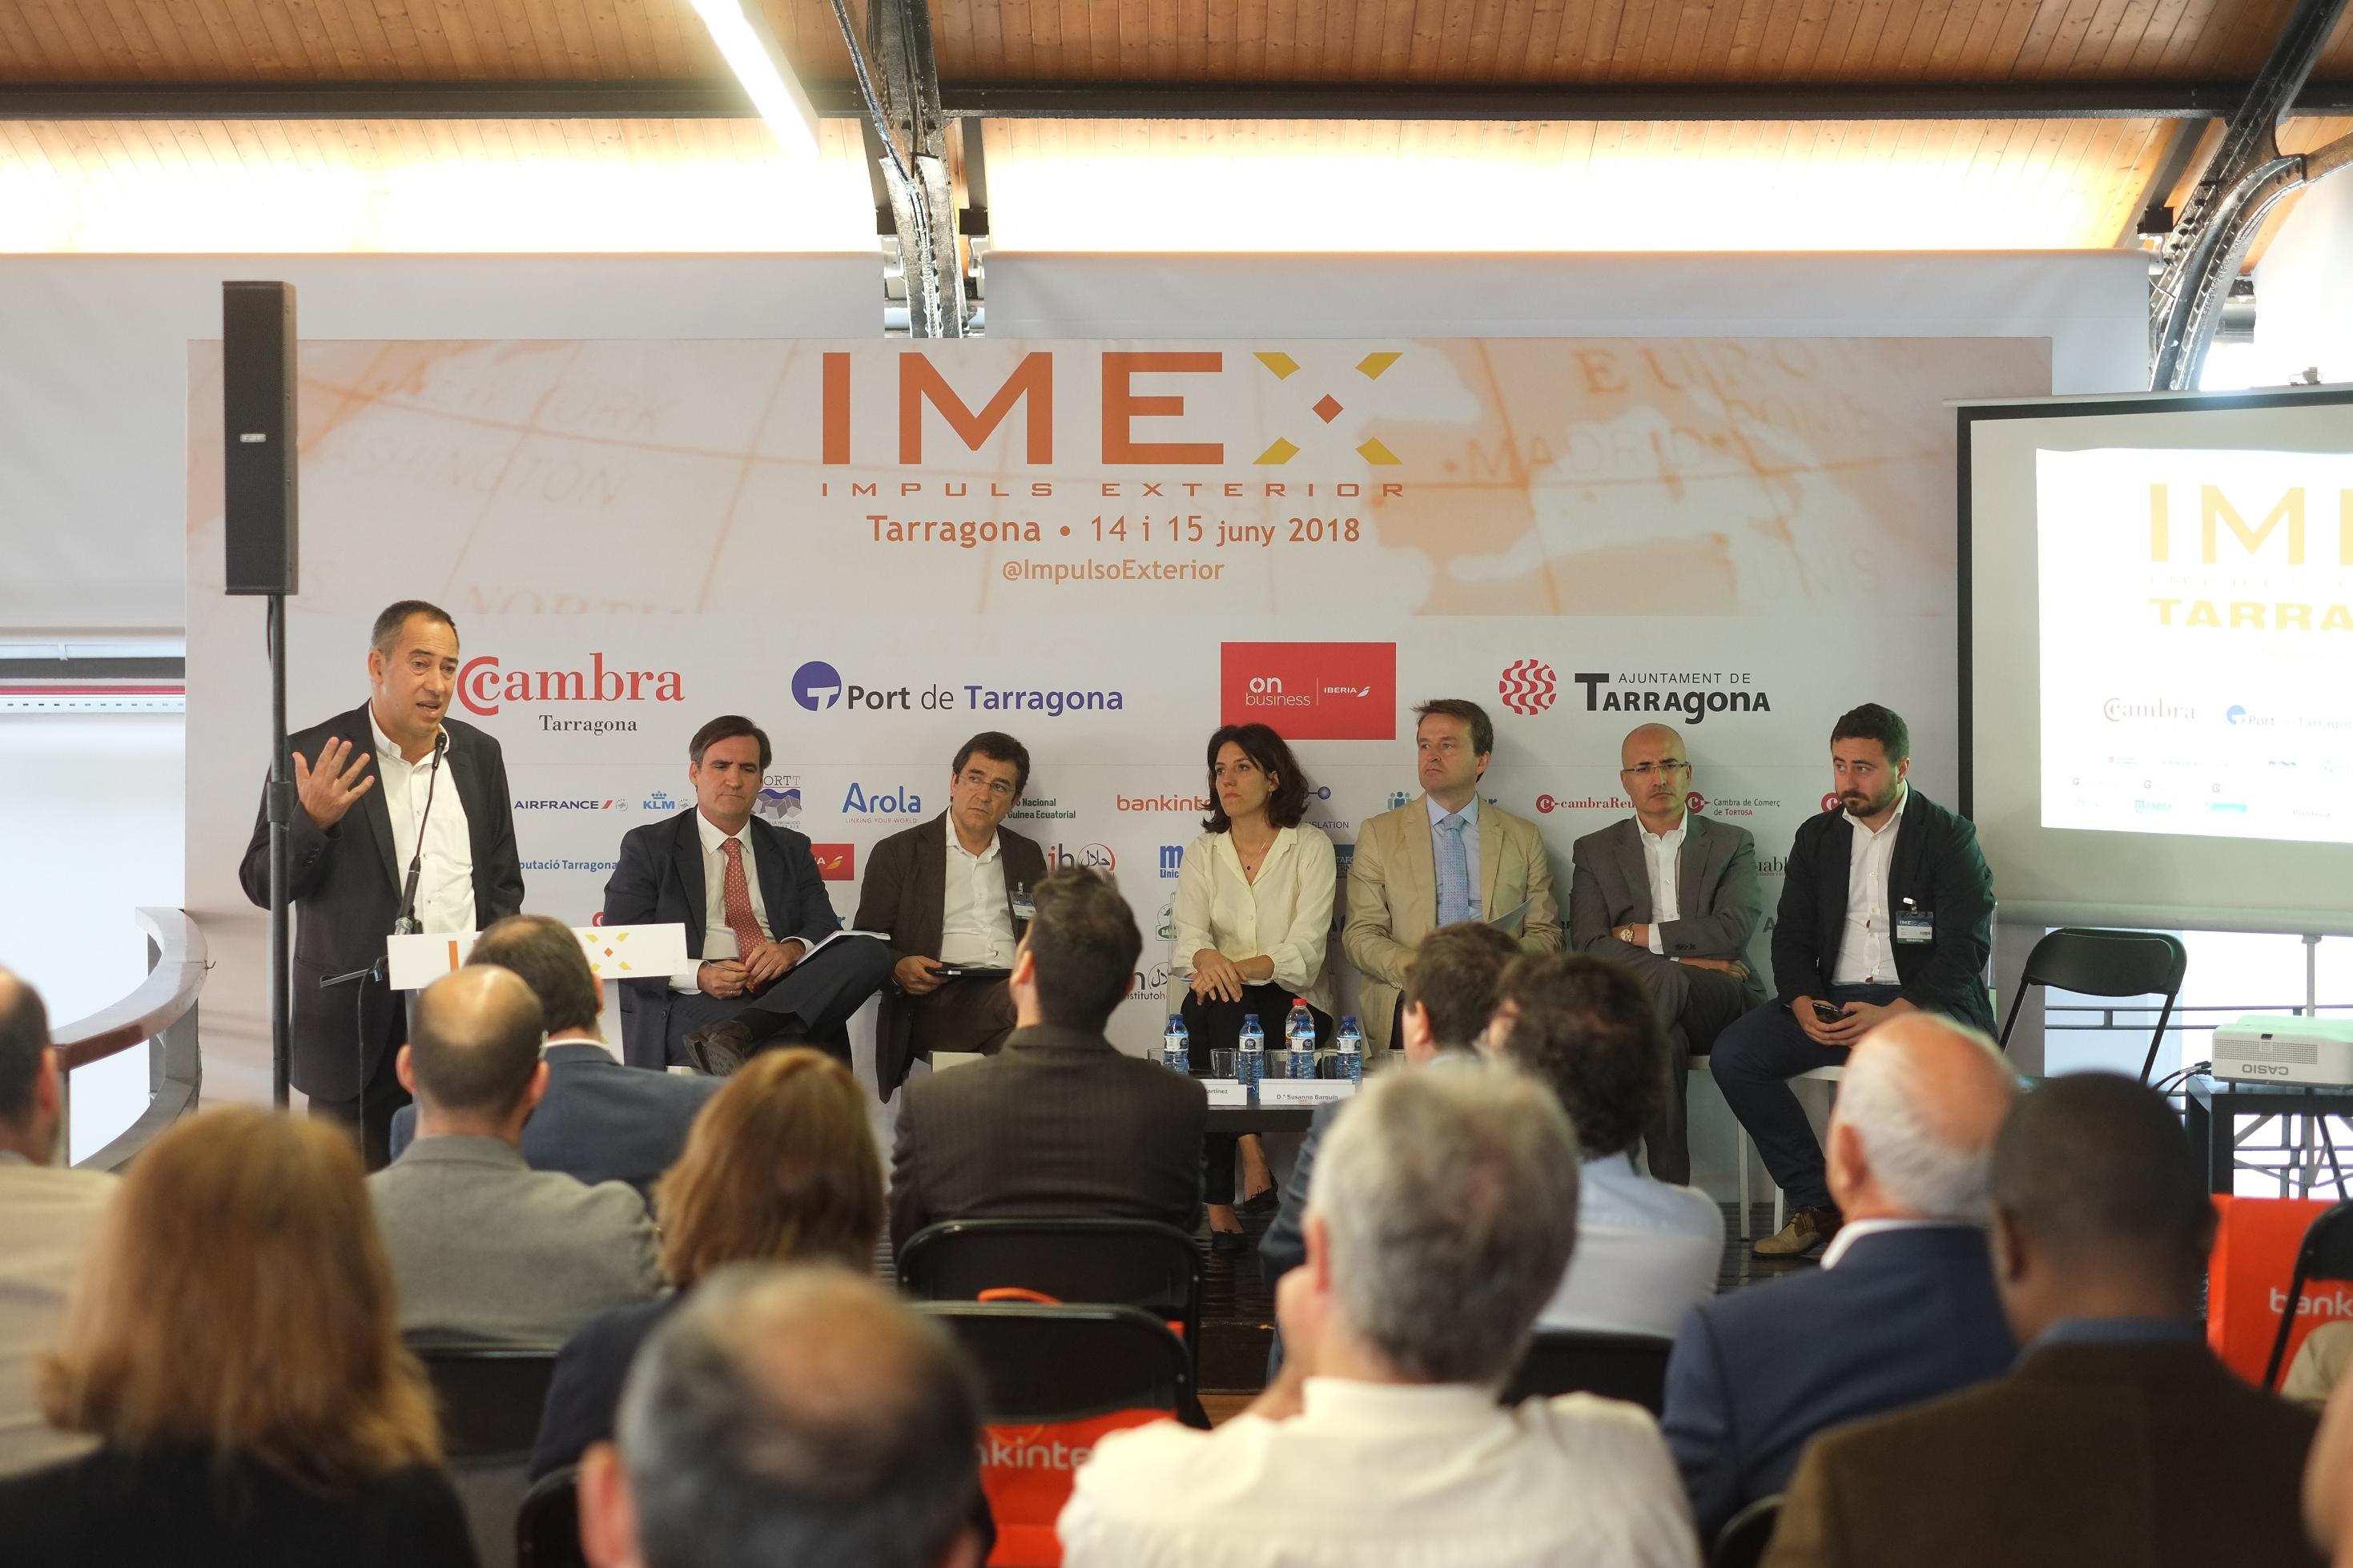 Le salon IMEX s'ouvre avec succès à Tarragone